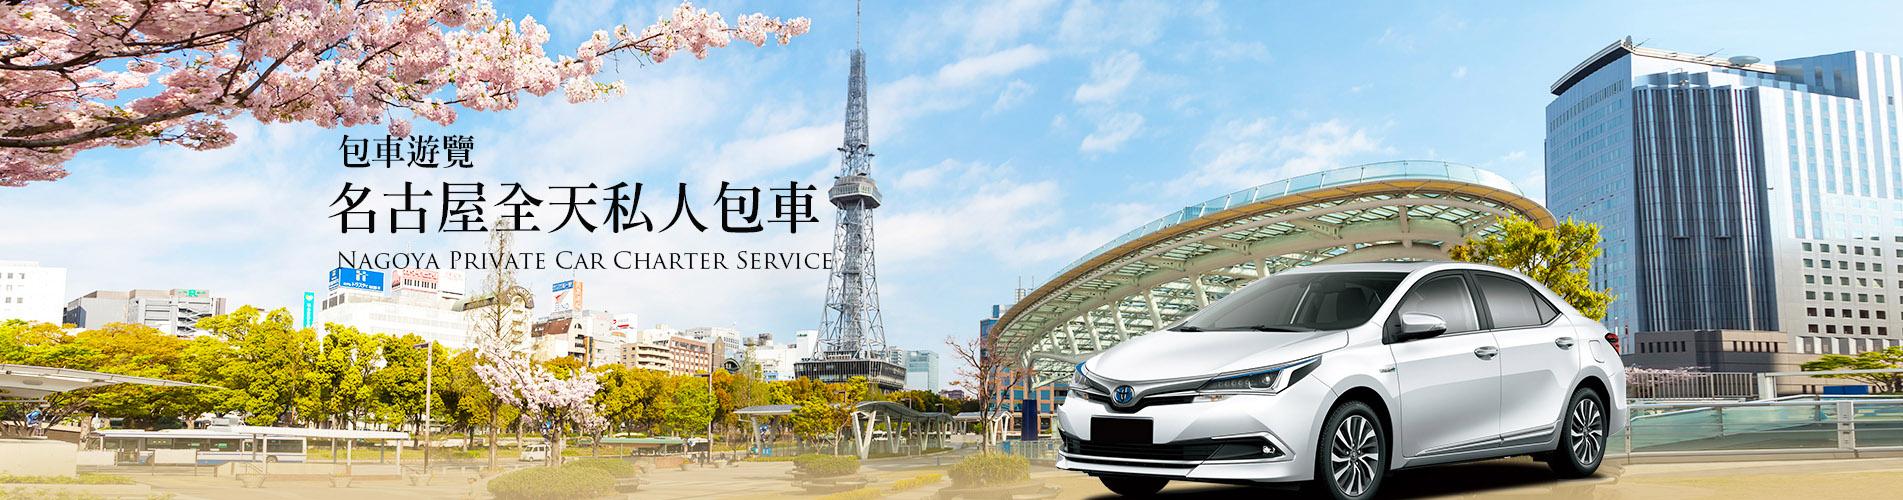 包車遊覽 - 名古屋全天 私人包車服務連司機